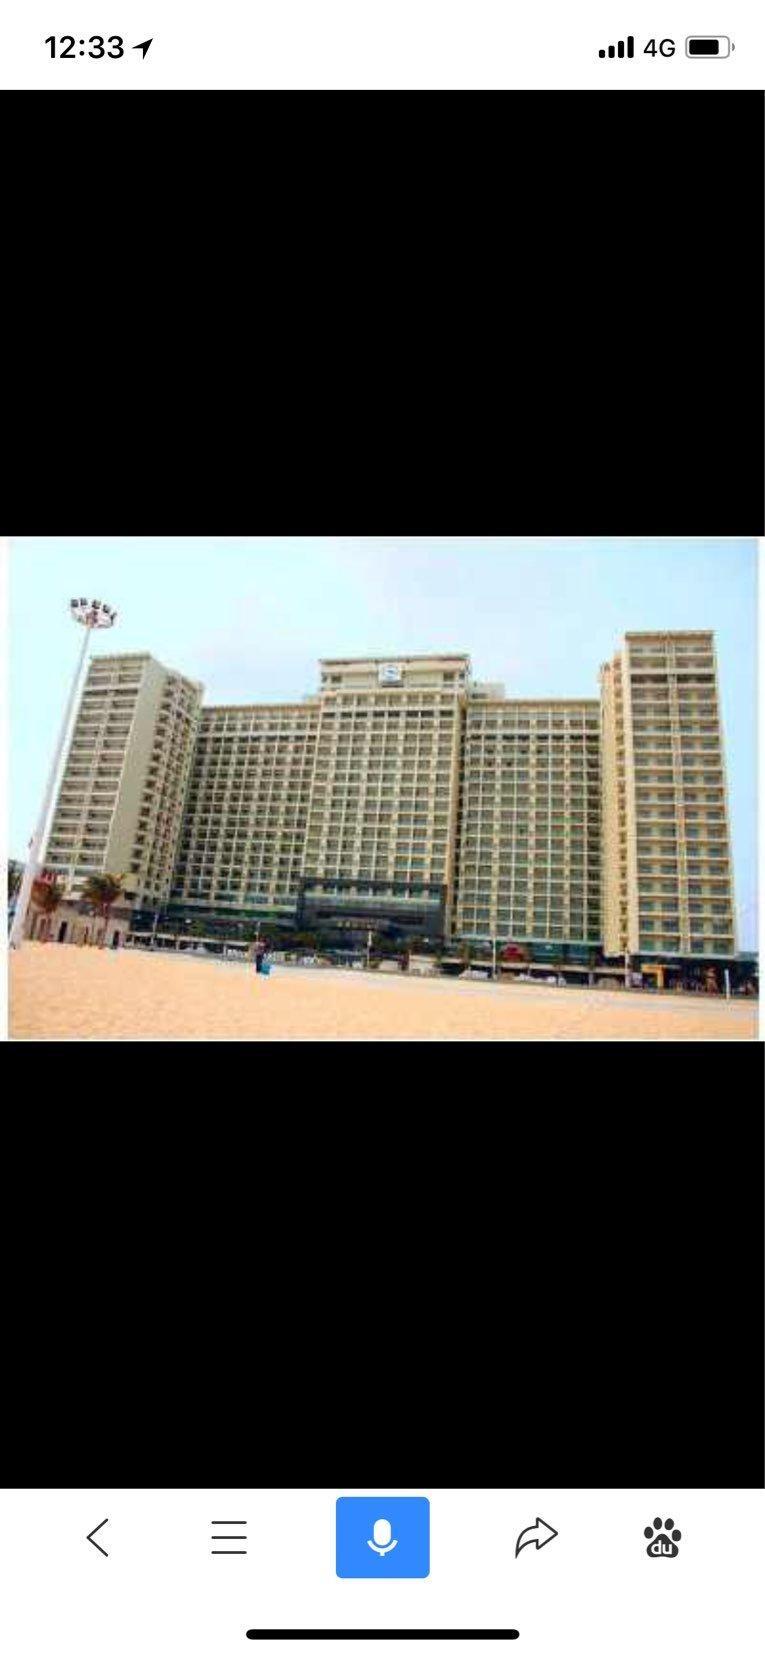 闸坡蓝波湾酒店公寓带租澳门二十一点游戏